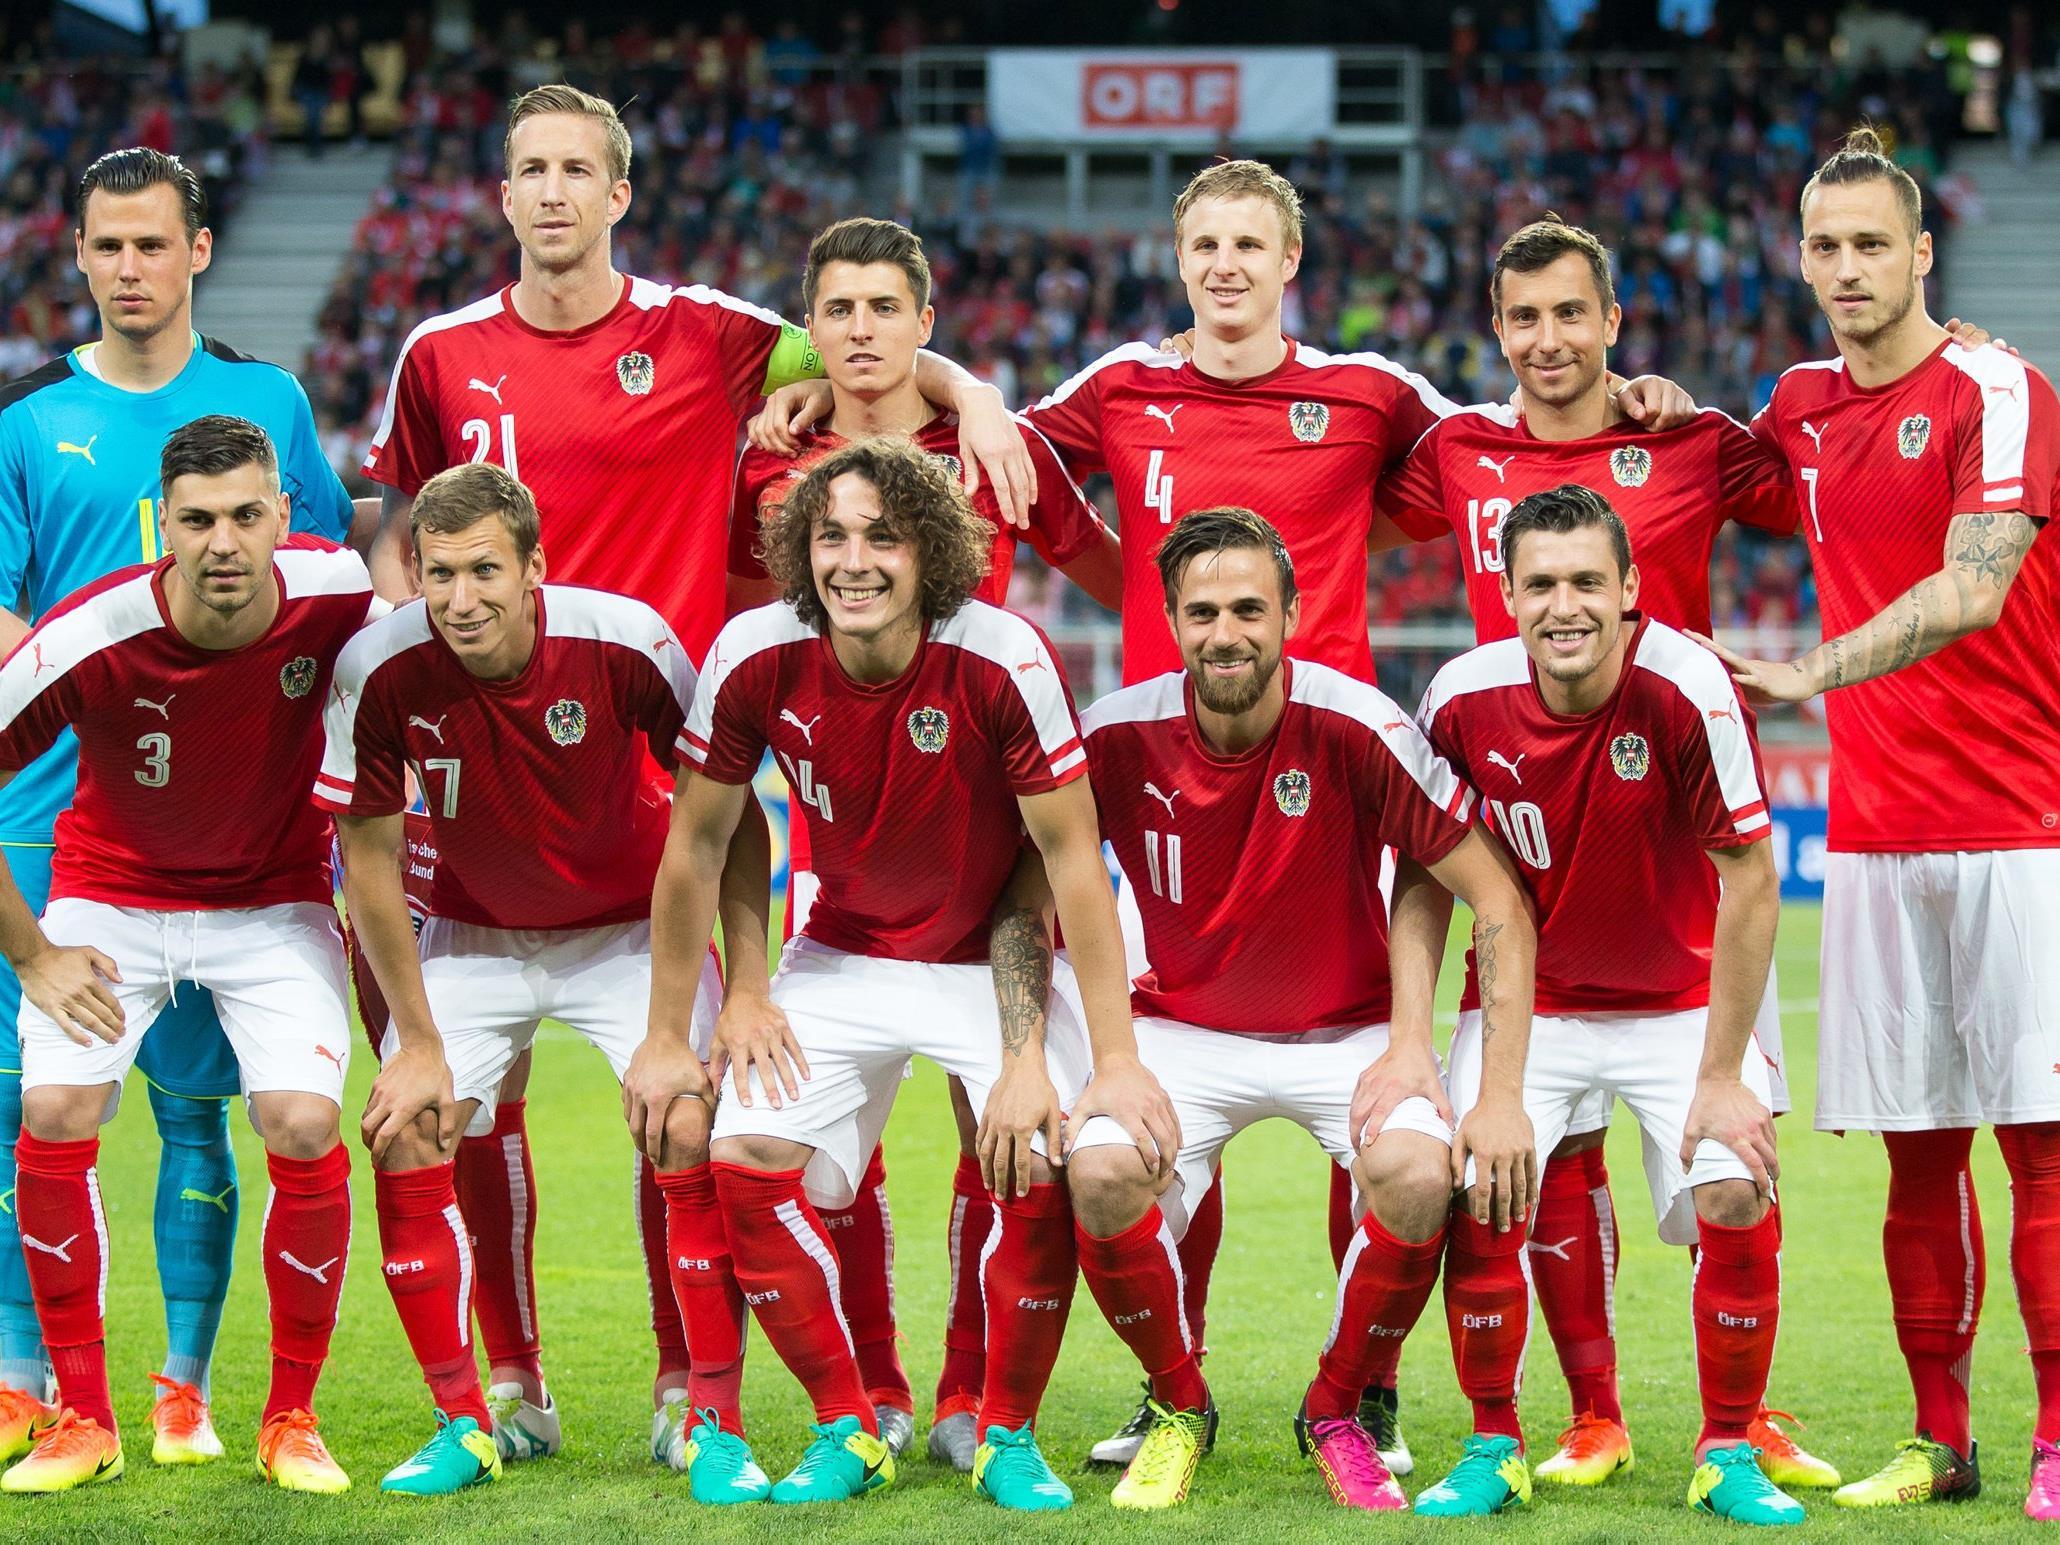 Am Dienstag startet das ÖFB-Team in die EURO 2016